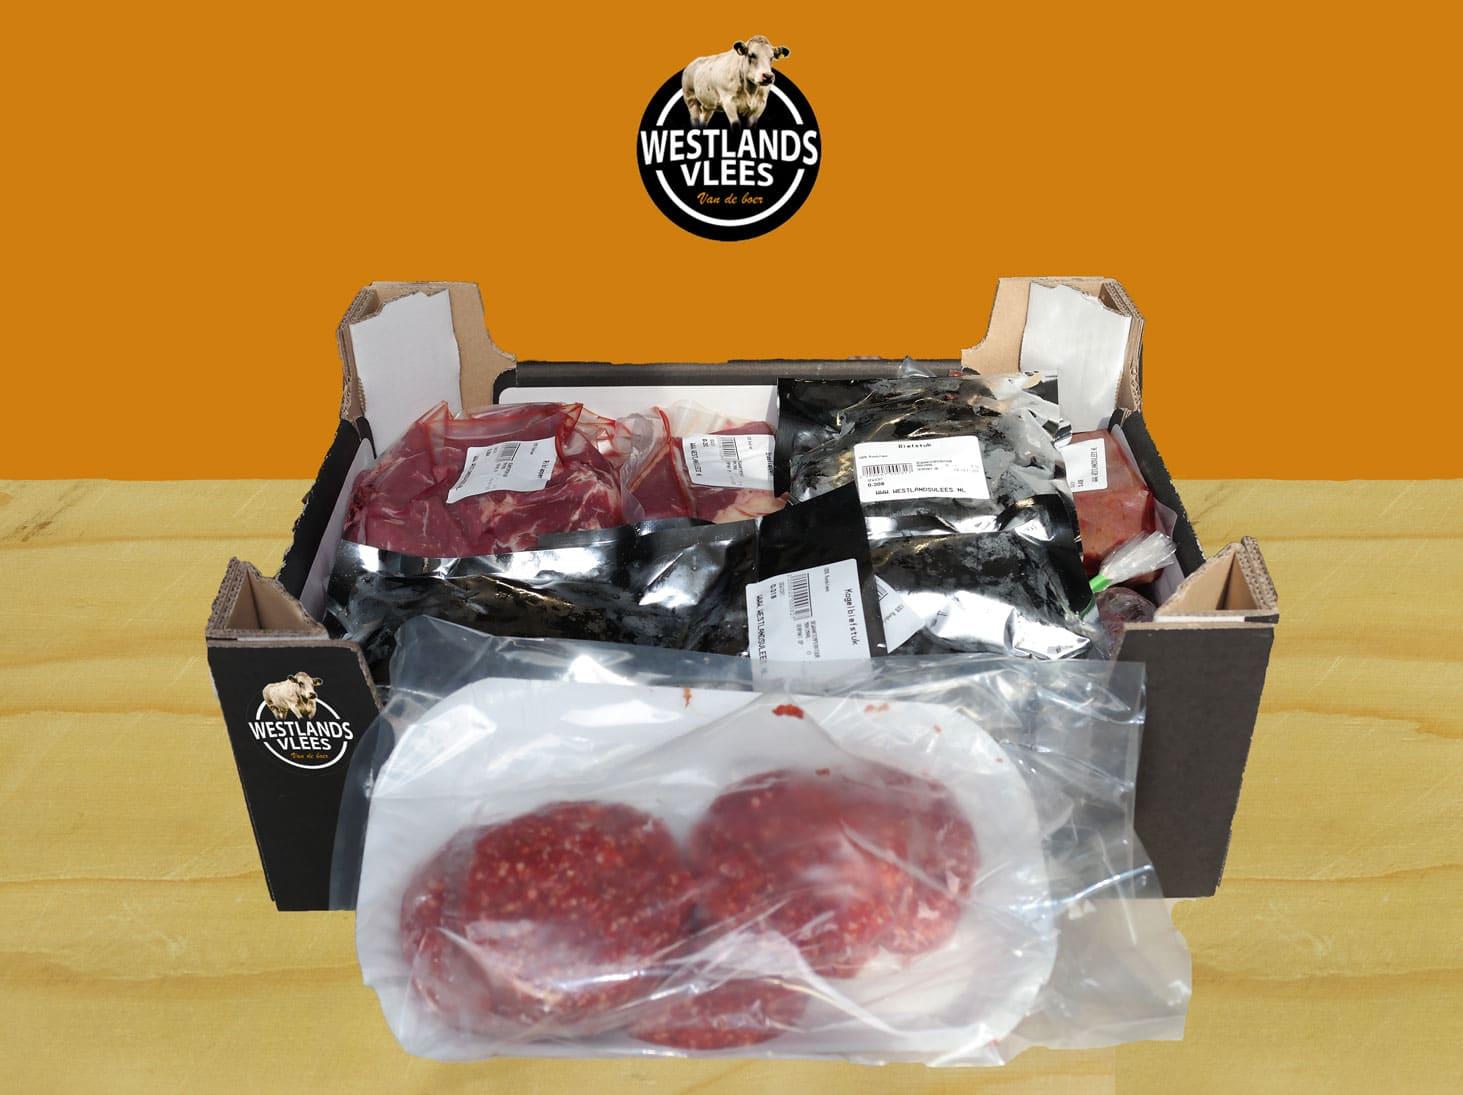 Vleespakket rund klein 5 tot 7 kilo Westland